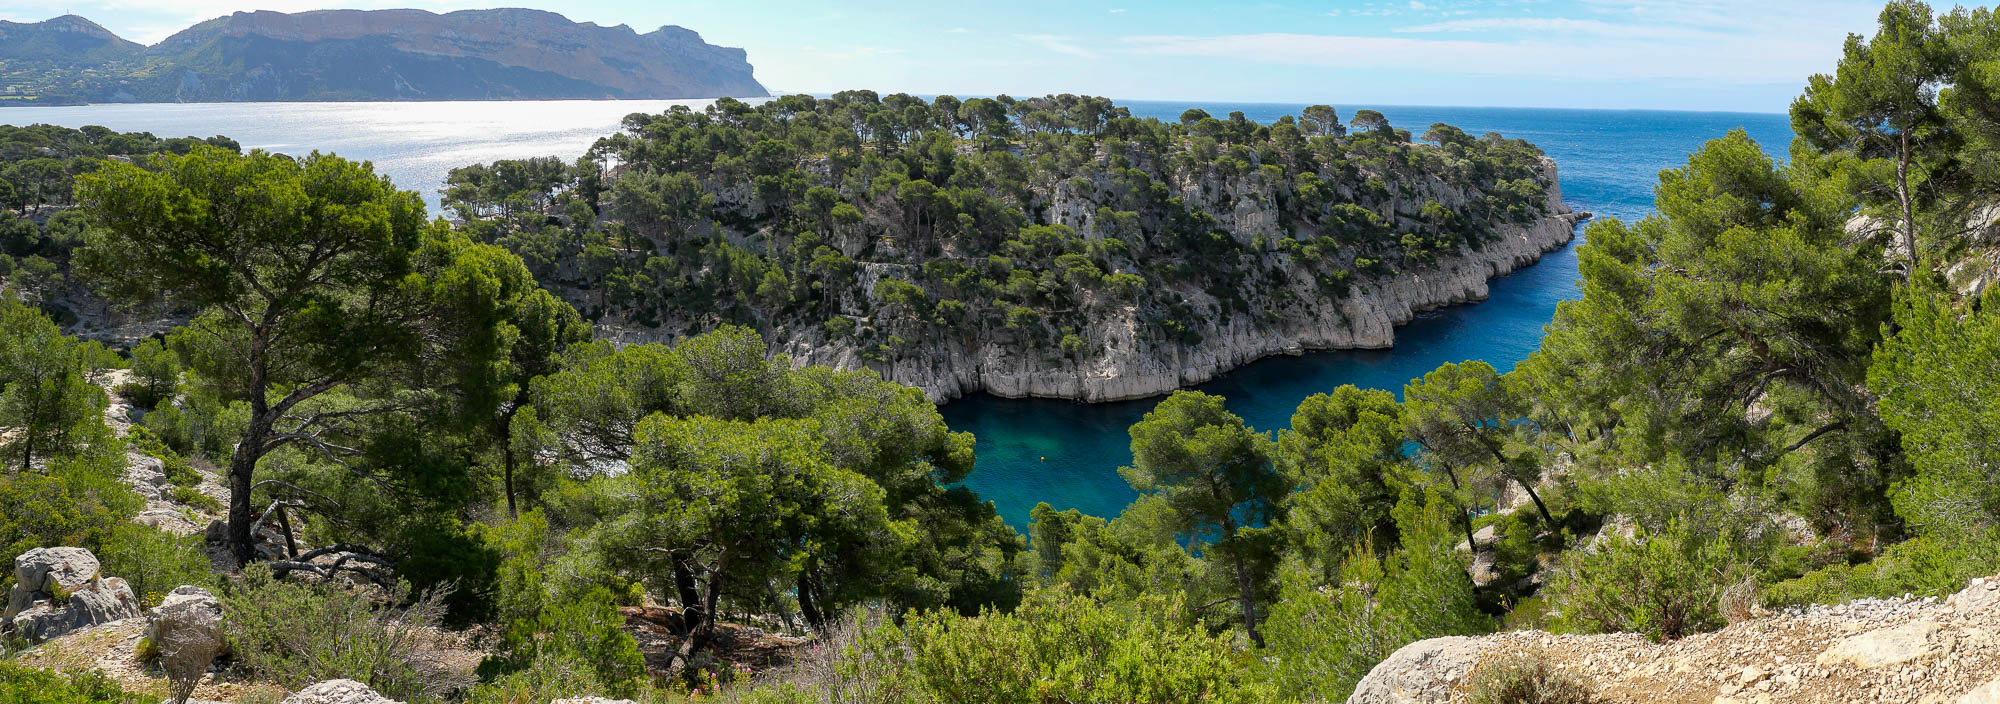 Photo panoramique sur la calanque de port pin marseille